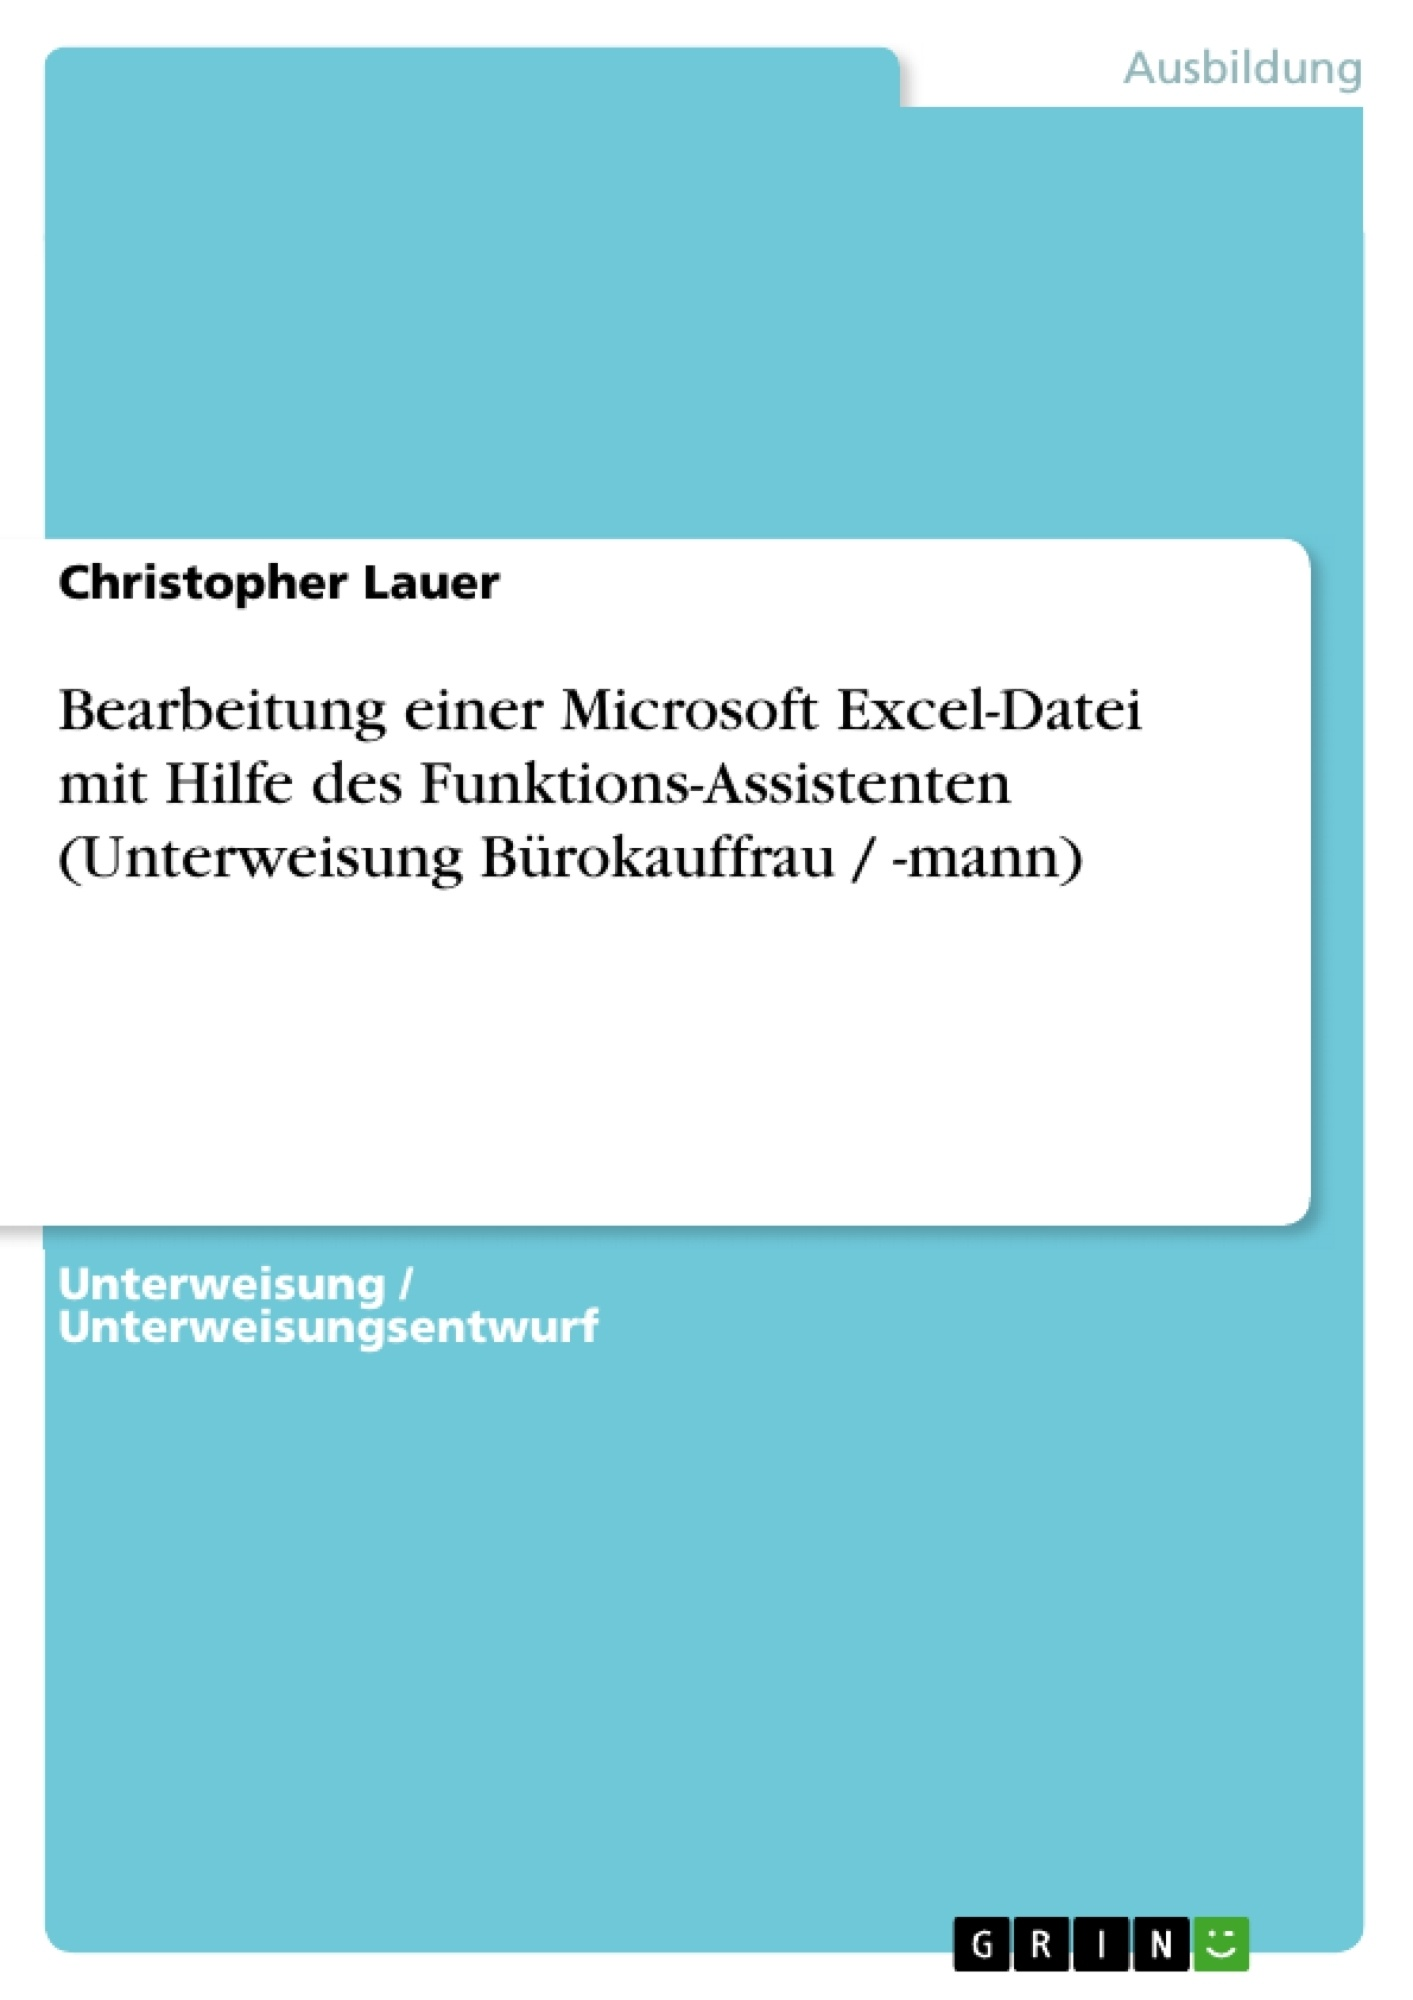 Titel: Bearbeitung einer Microsoft Excel-Datei mit Hilfe des Funktions-Assistenten (Unterweisung Bürokauffrau / -mann)